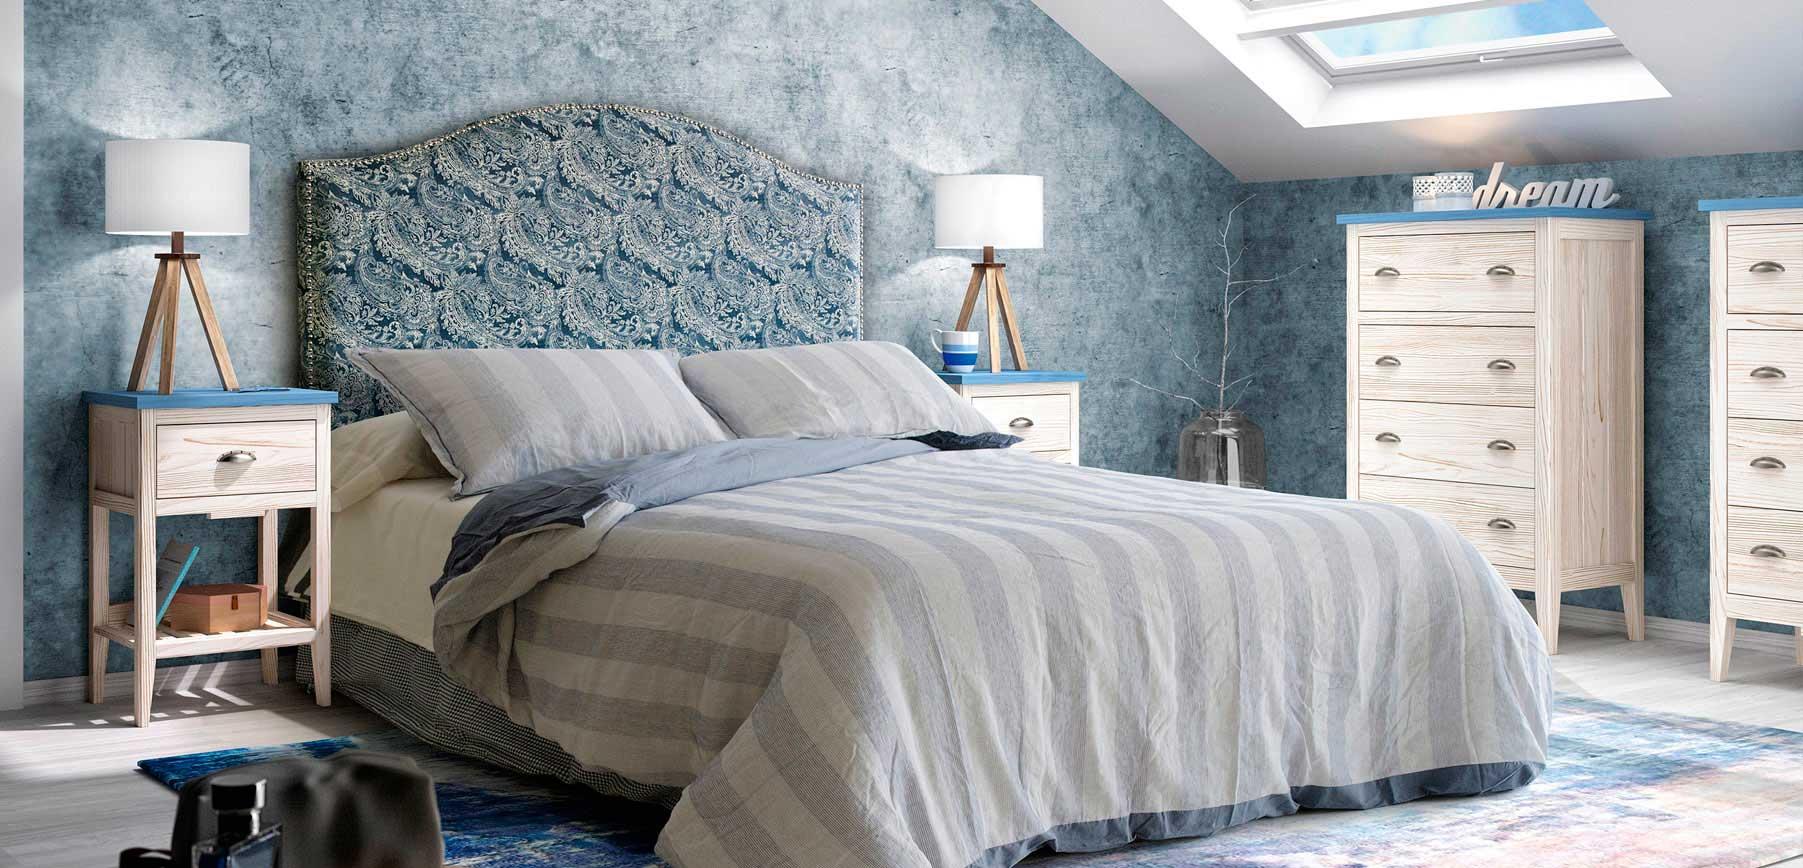 Muebles GRUPOSEYS - Muebles de Comedor, Dormitorios y Juveniles | Furniture | Meubles | мебель seys-4-optim Inicio